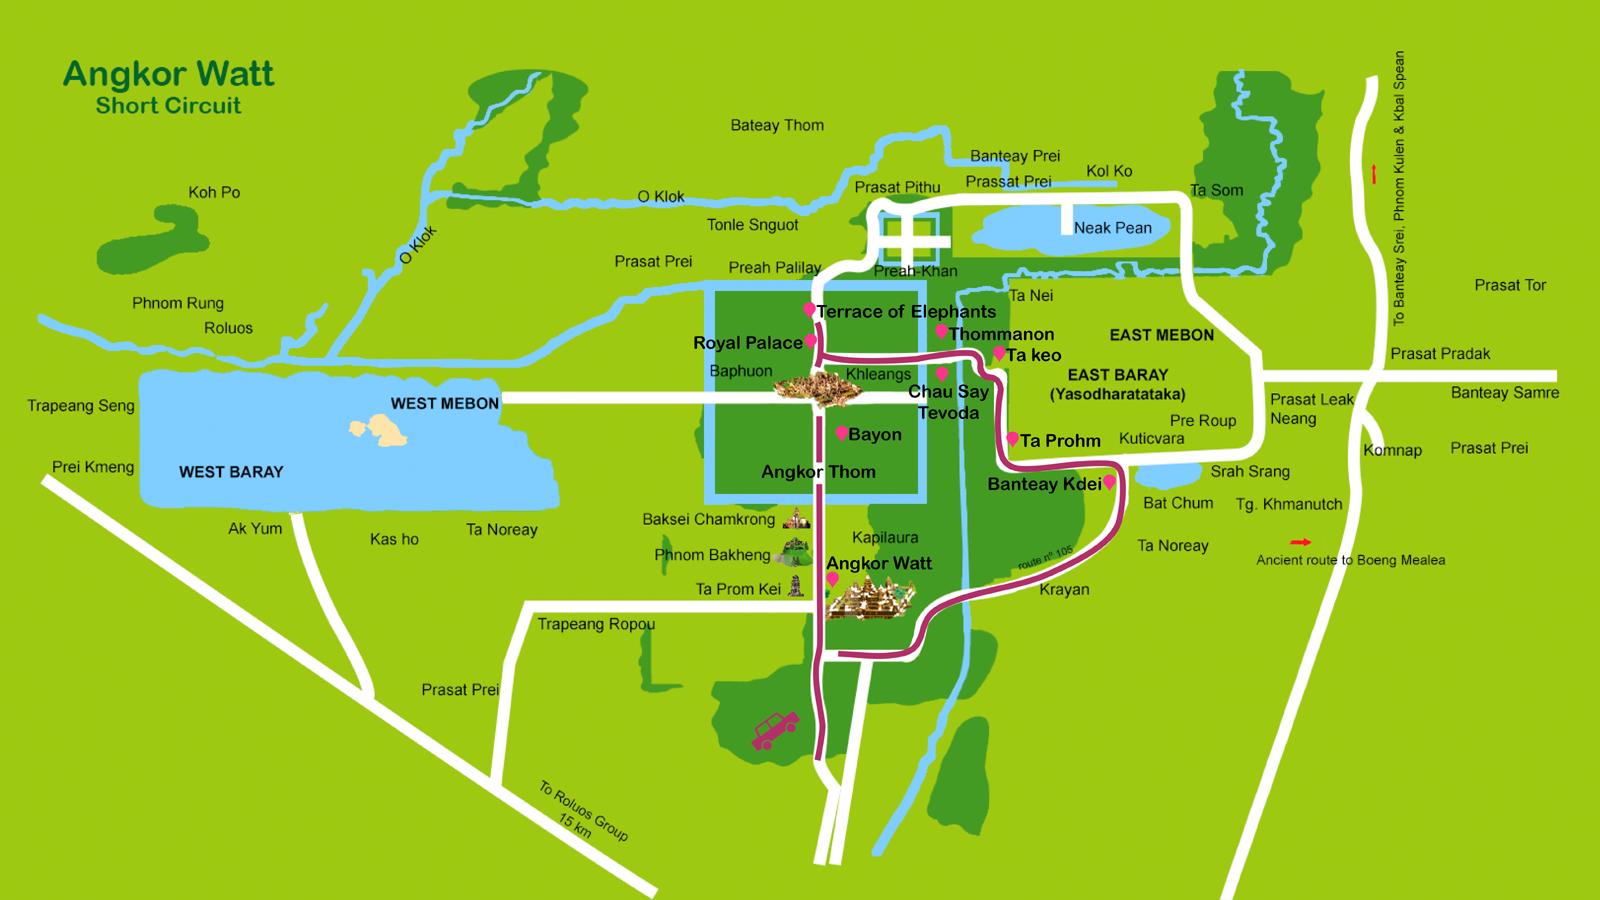 Mapa_Tailandia_17. Angkor Watt short circuit